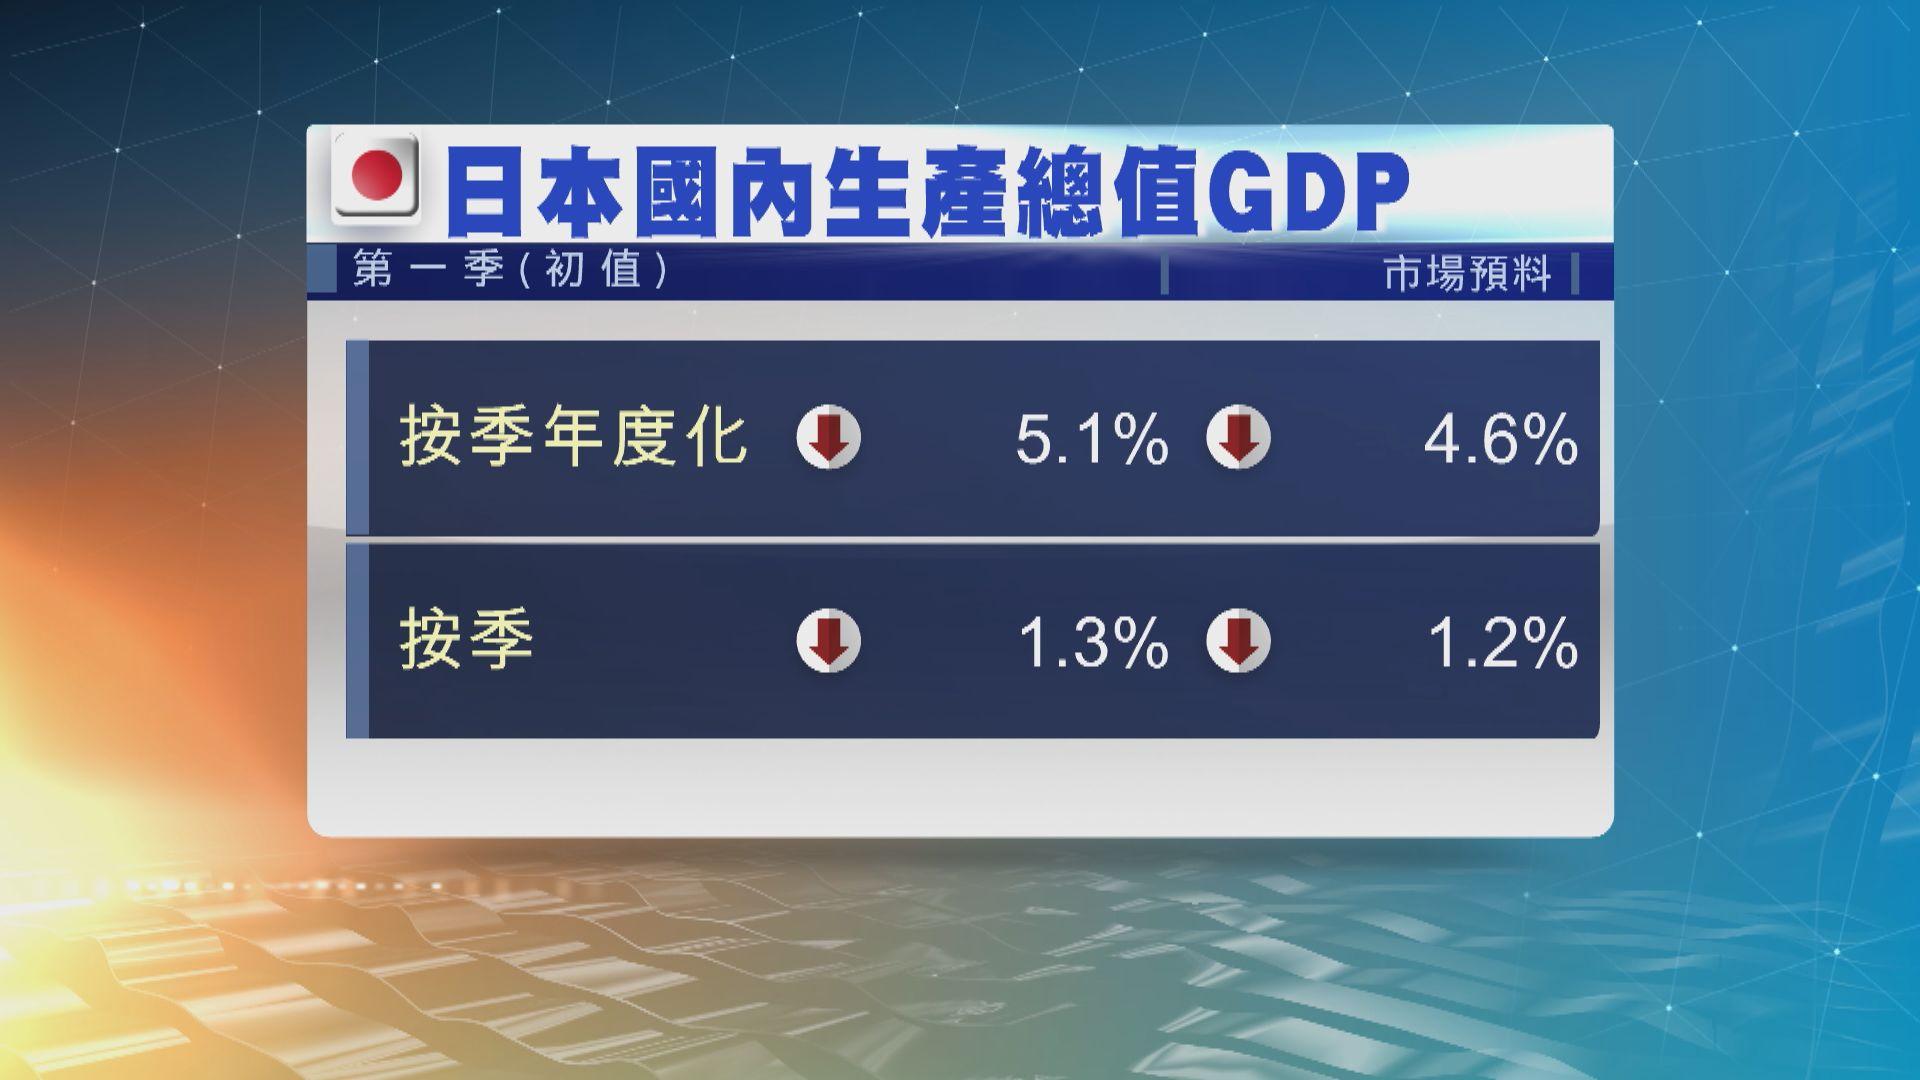 日本首季經濟萎縮 為三個季度以來首見經濟下滑